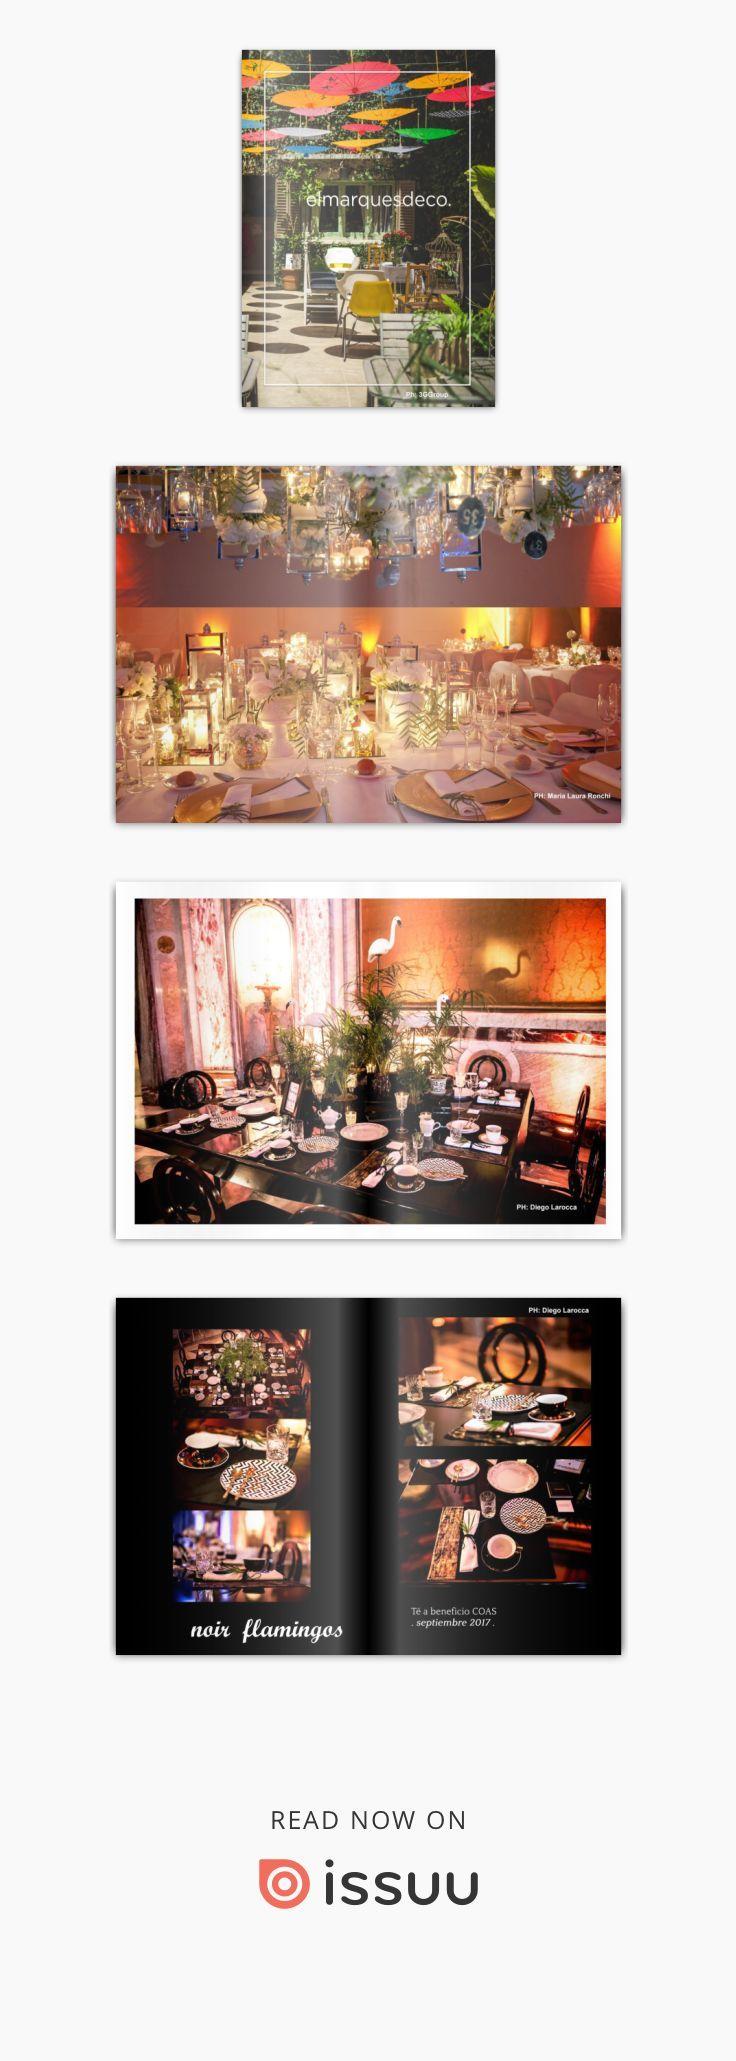 Brochure el marques deco ambientaciones  Una muestra de mis trabajos: estilismo para ambientación para eventos, contenido para redes sociales, vidrieras (escaparates), proyectos de interiorismo para viviendas. Diseño interior y visual para locales comerciales.